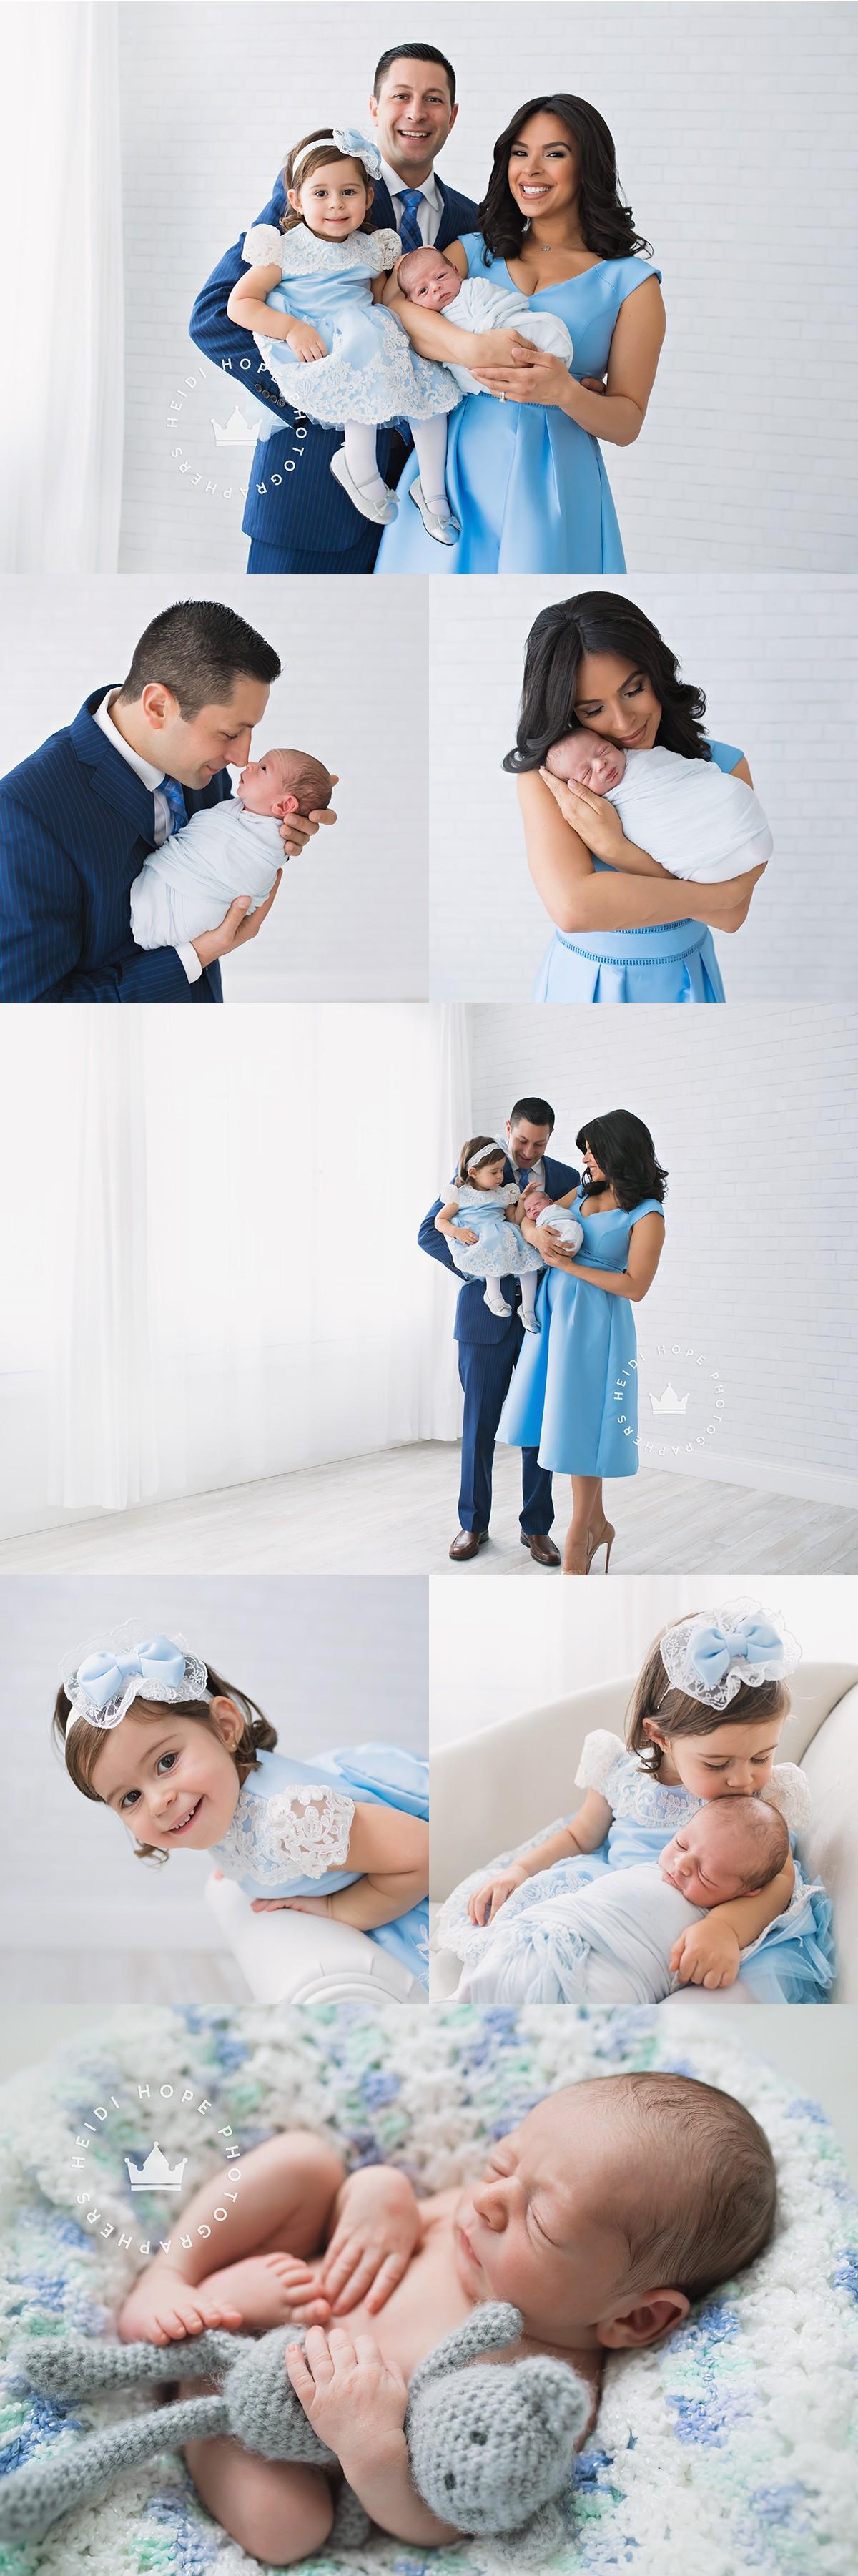 heidi hope newborn photographer